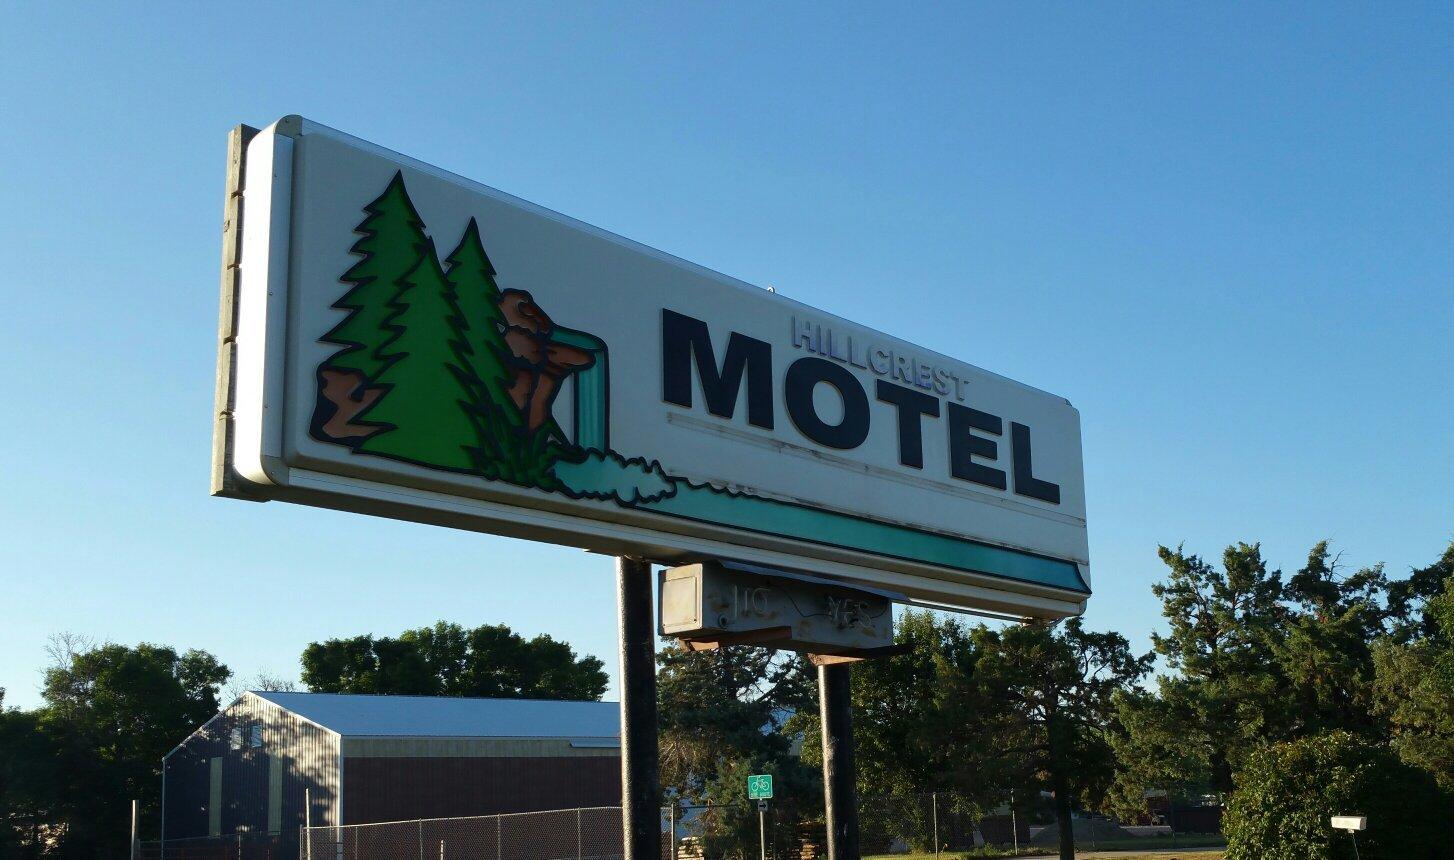 Hillcrest Motel